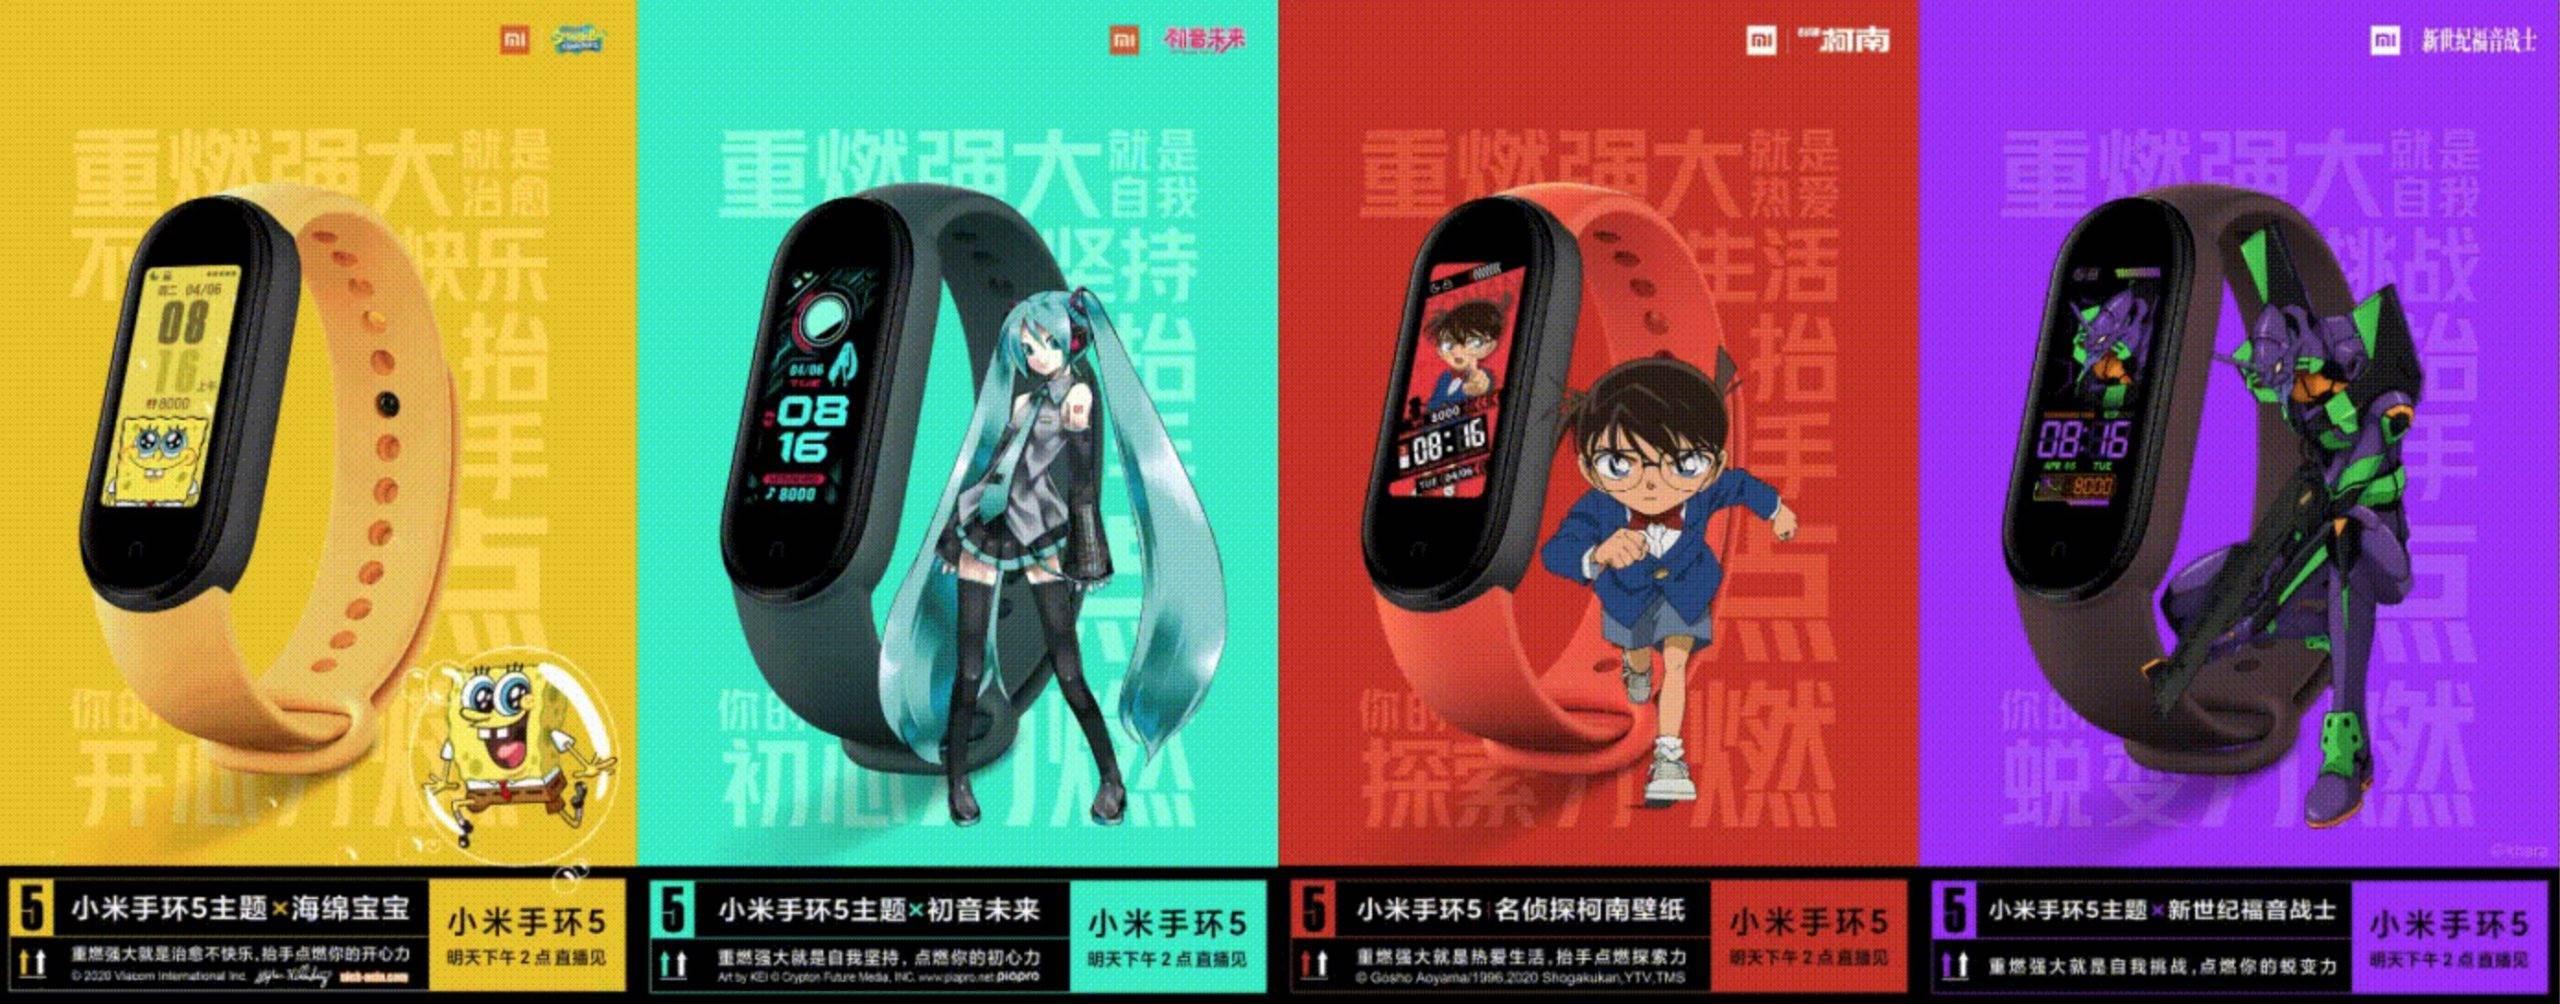 Xiaomi Mi Band 5 oficjalnie - cena i specyfikacja polecane, ciekawostki Xiaomi Mi Band 5, specyfikacja Xiaomi Mi Band 5, Specyfikacja, opaska Xiaomi Mi Band 5, ile kosztuje opaska Xiaomi Mi Band 5, ile kosztuje Mi Band 5, gdzie kupić Xiaomi Mi Band 5, cena Xiaomi Mi Band 5  Dzisiaj, 11 czerwca, Xiaomi oficjalnie zaprezentowało nowy model najlepiej sprzedającej się opaski fitness - Mi Band 5. 1@2x 25 scaled